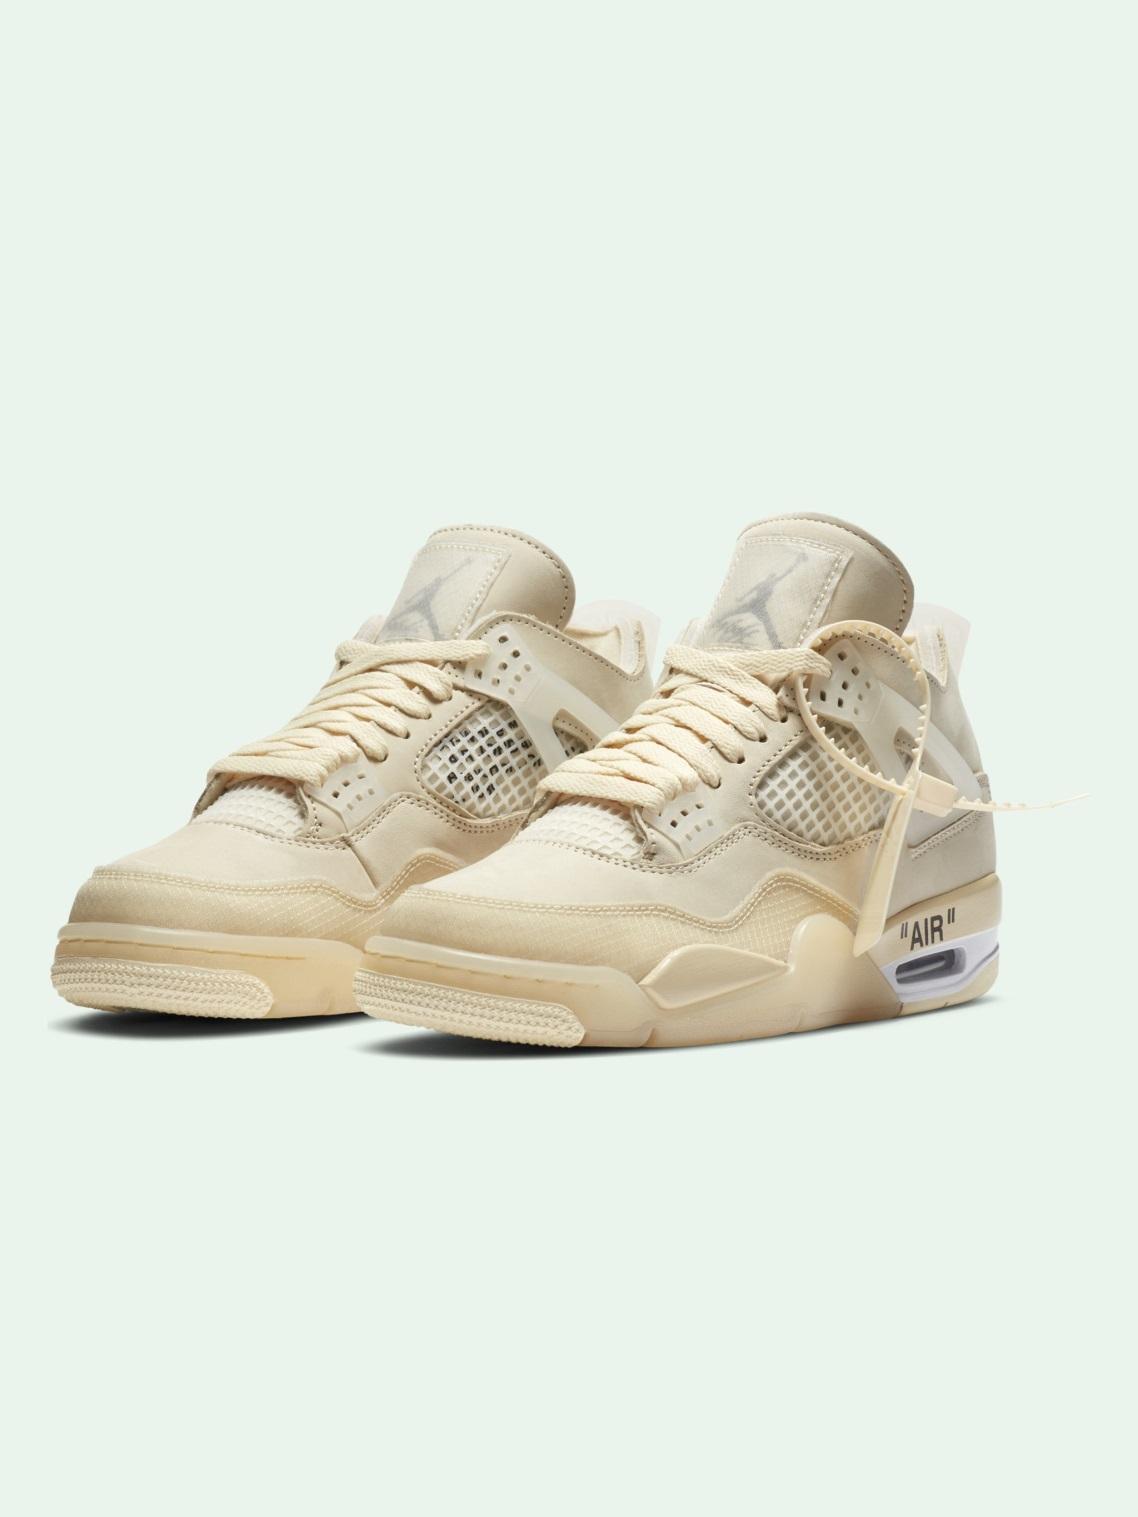 Một đôi giày bóng rổ không thể từ chối